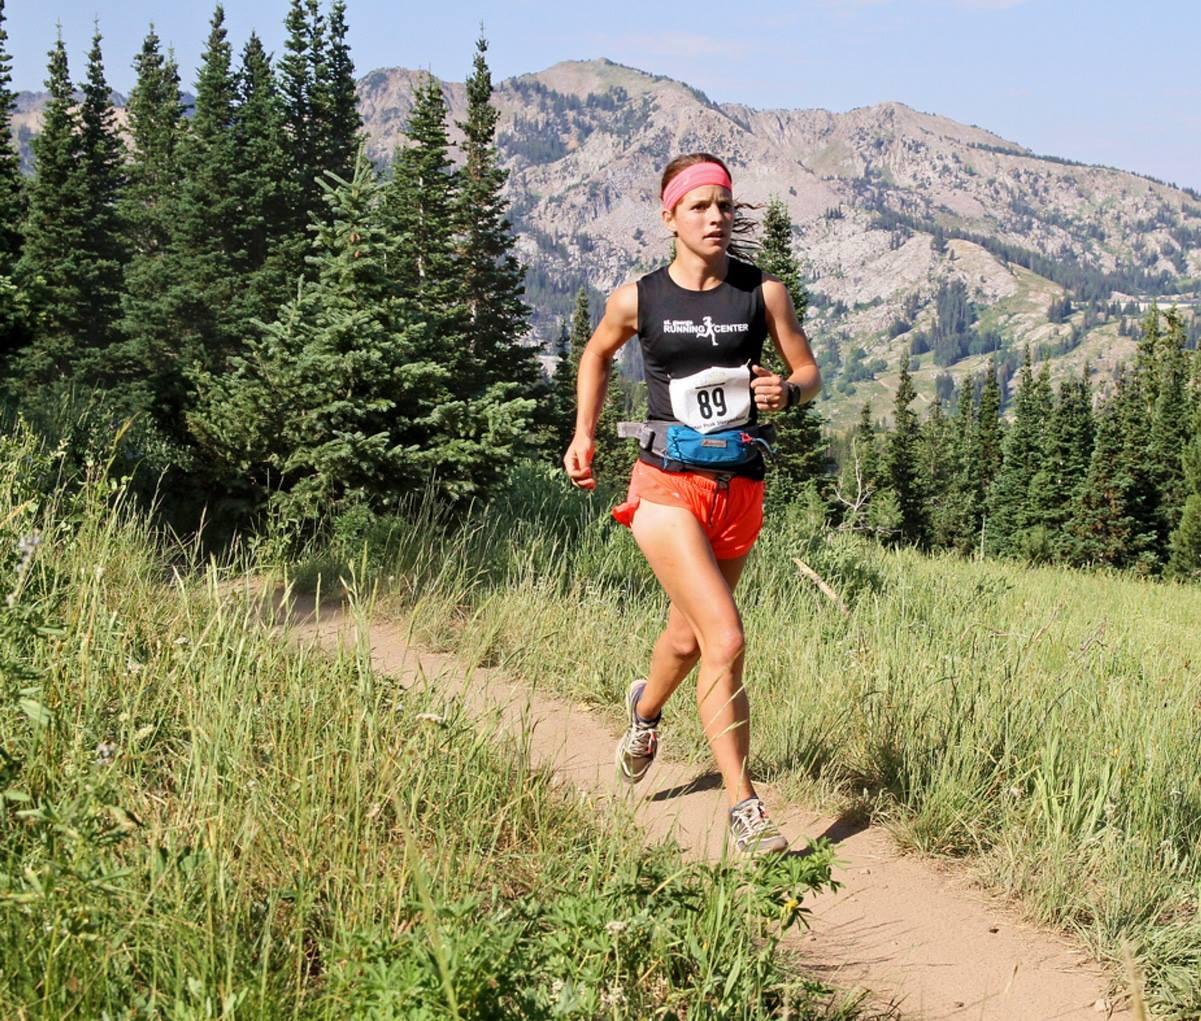 Expresky z hôr 100 - Hayden Hawks sa zúčastní na Poludnica Run 2018, zdroj: FB page Poludnica Run